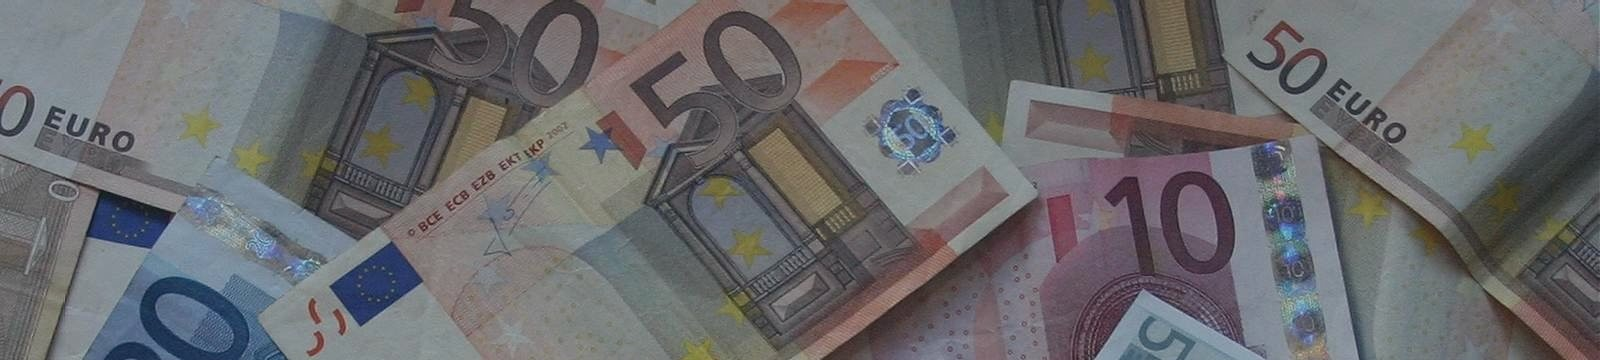 EUR / USD, Previsão para 23 de Fevereiro de 2015, Análise Fundamental